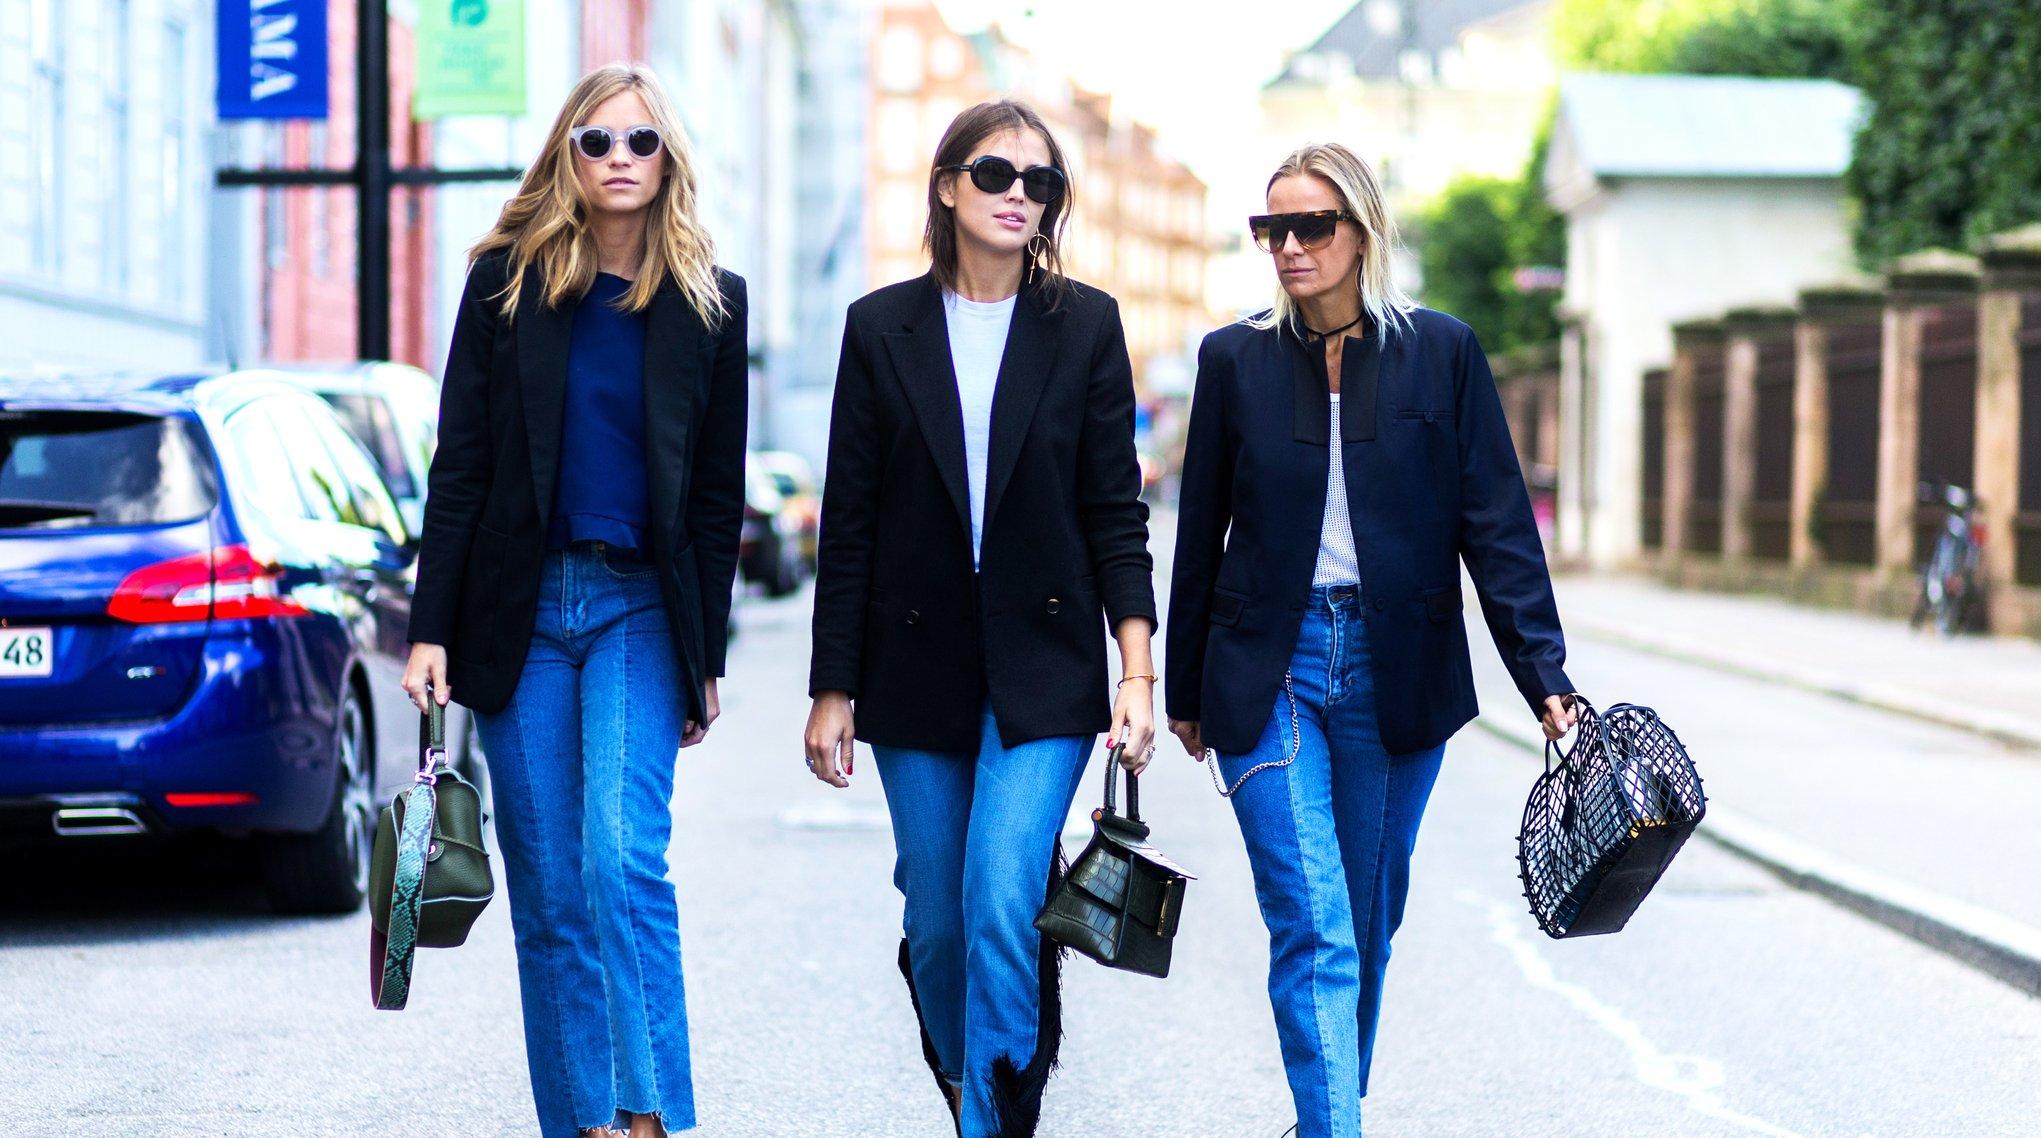 phong cách thời trang Lagom fashionista mặc jeans và blazer